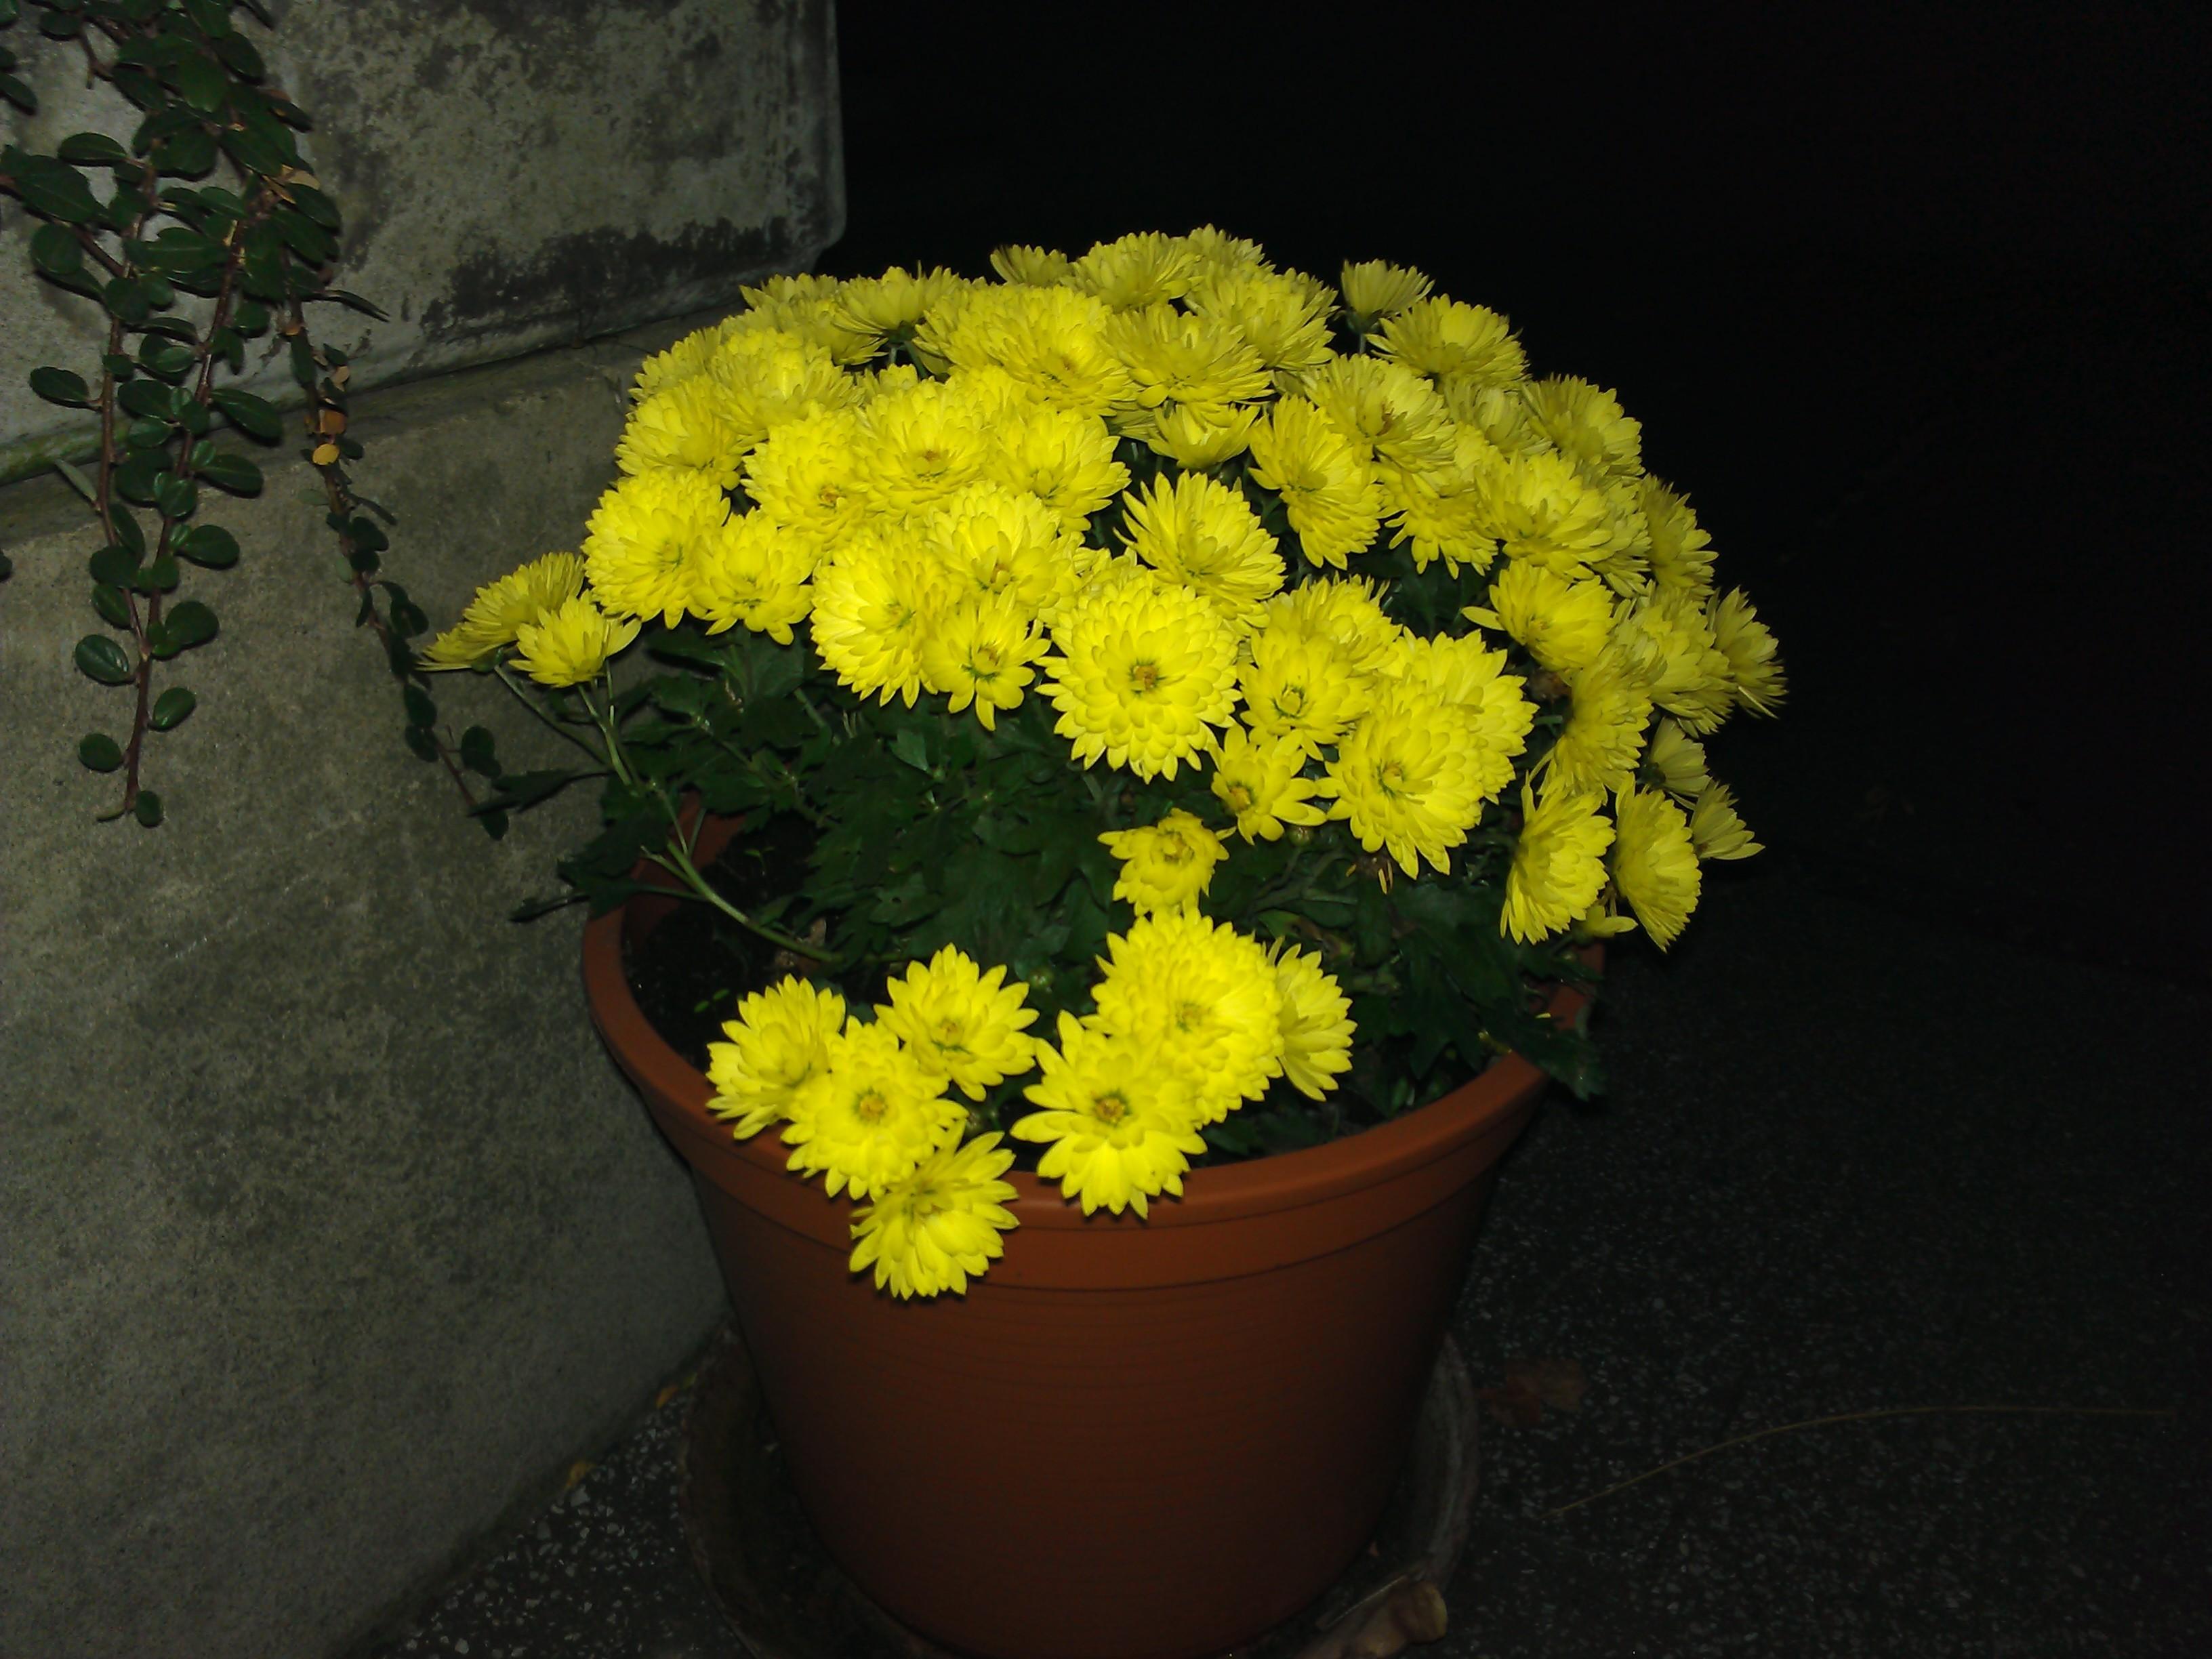 Blumen mit Blitz bei Nacht